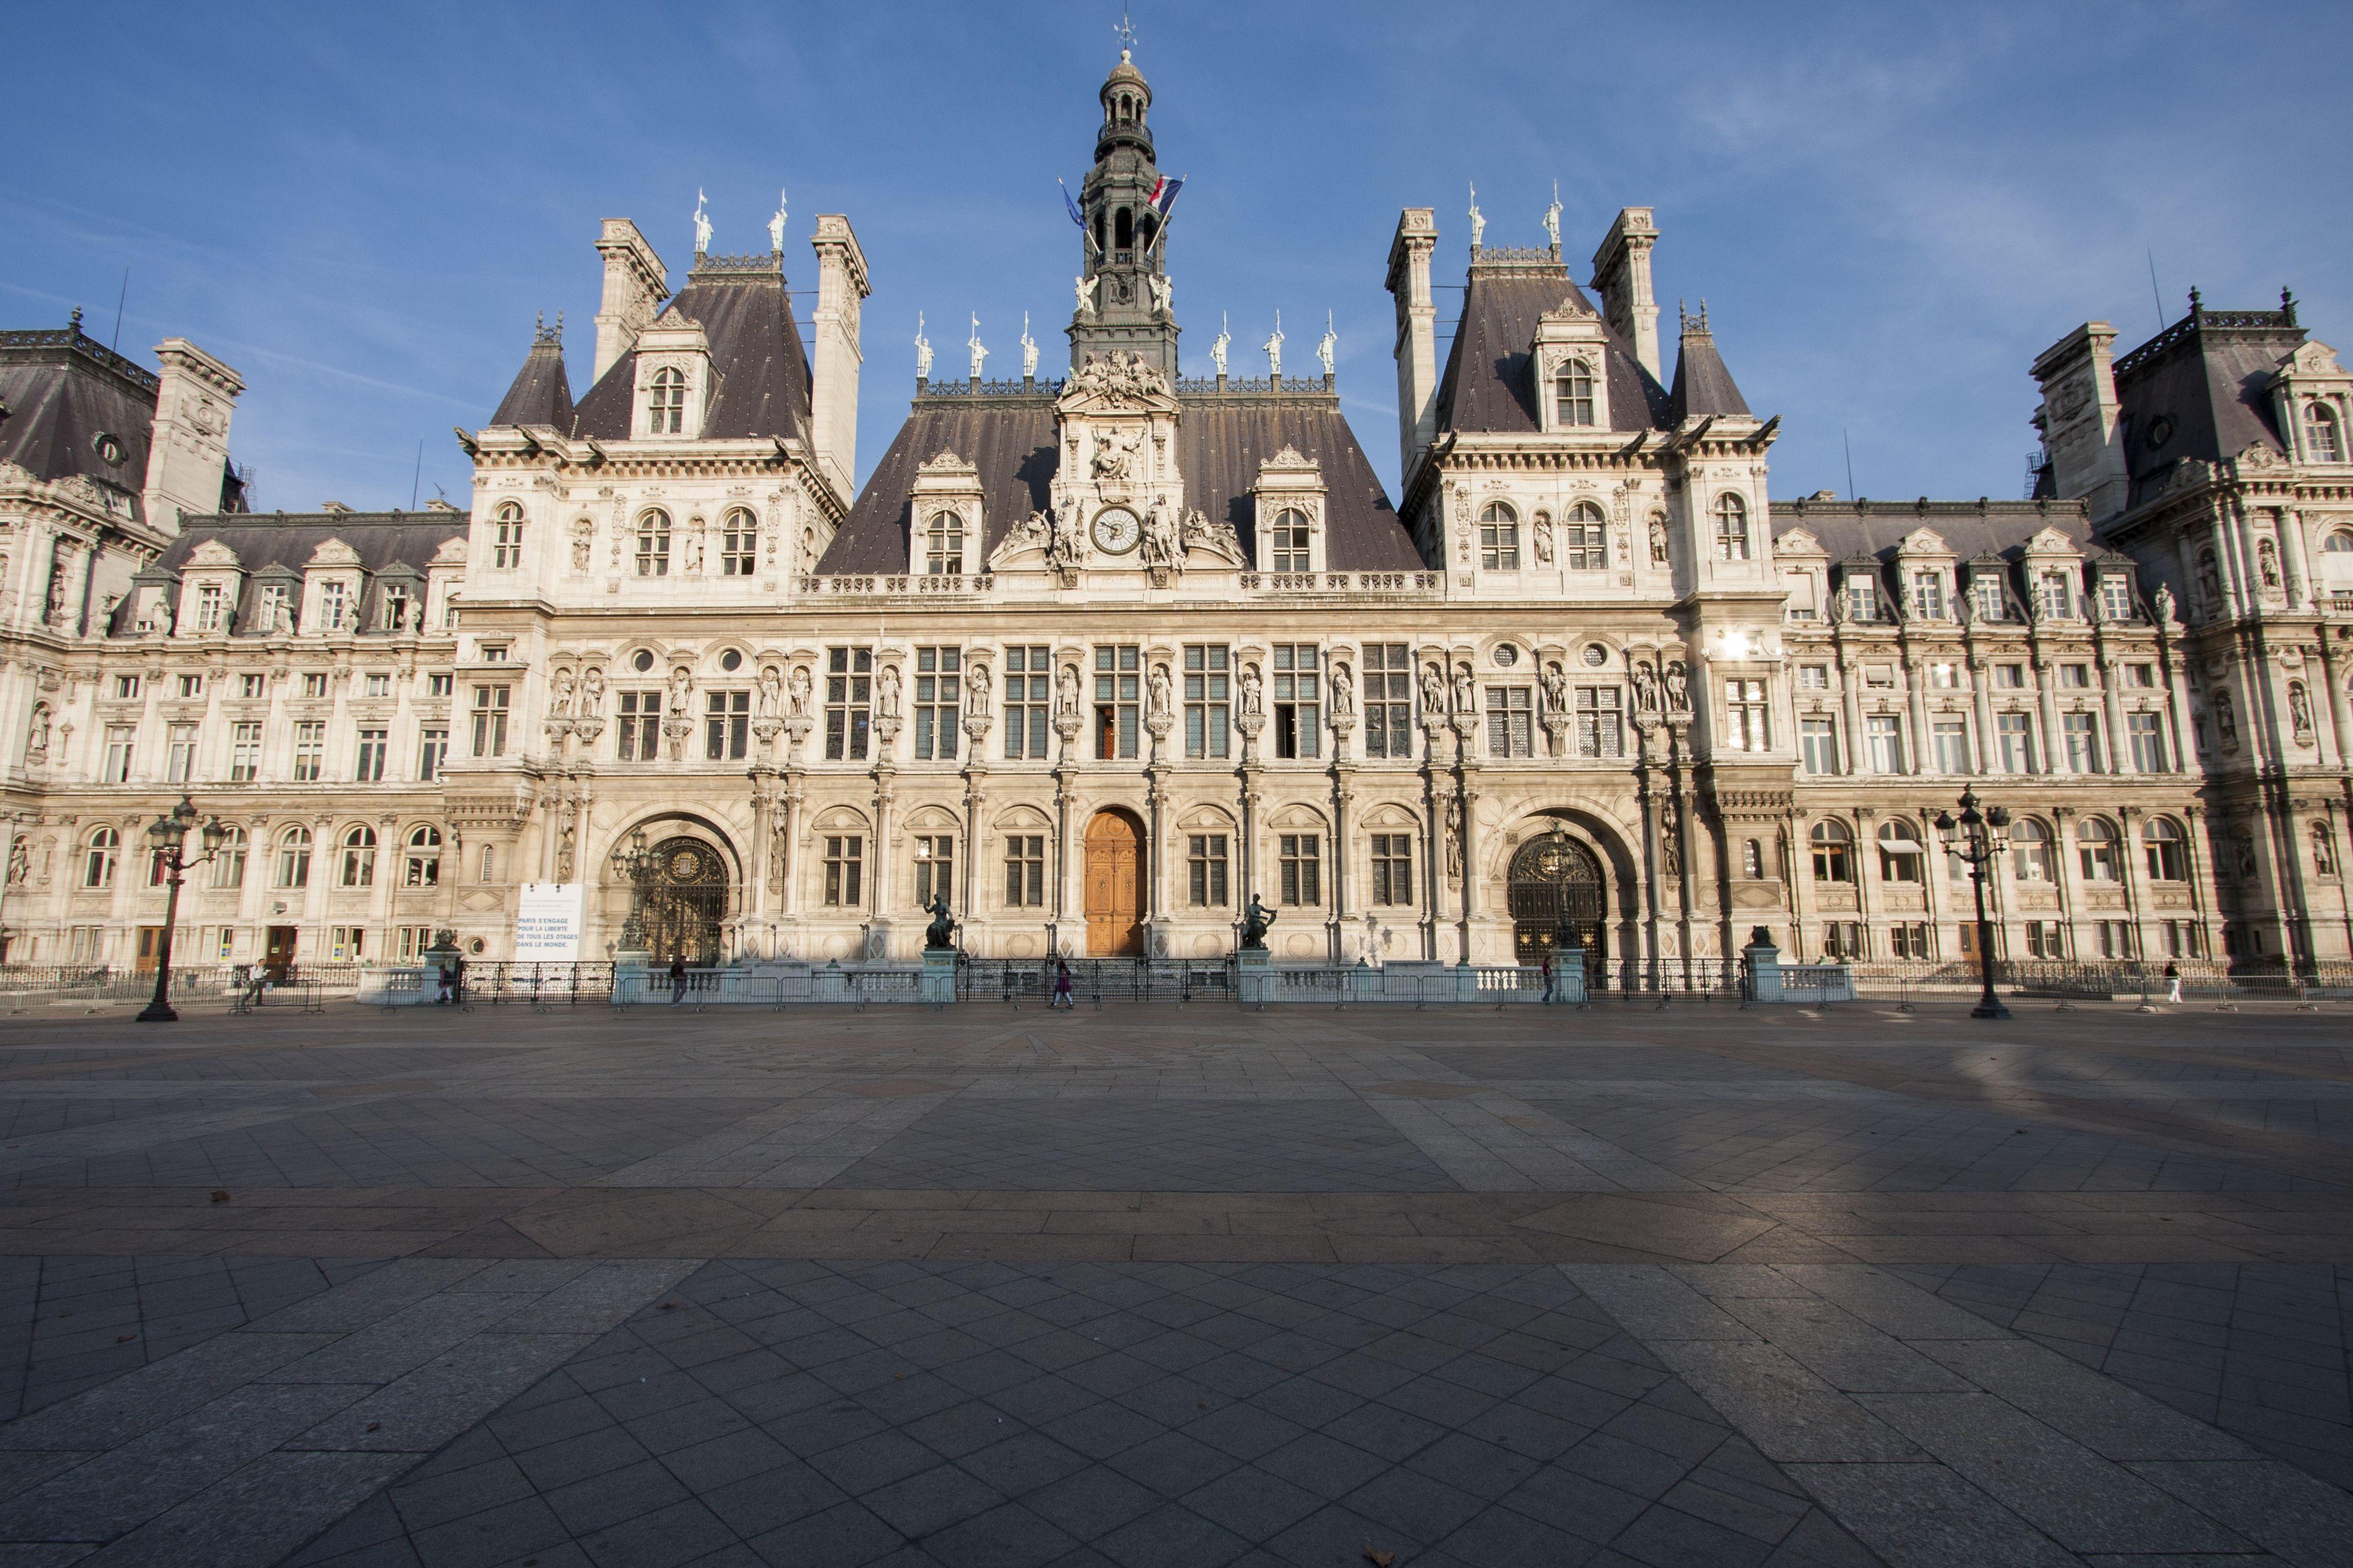 Lit De Camp 2 Places Génial top 15 Monuments and Historic Sites In Paris